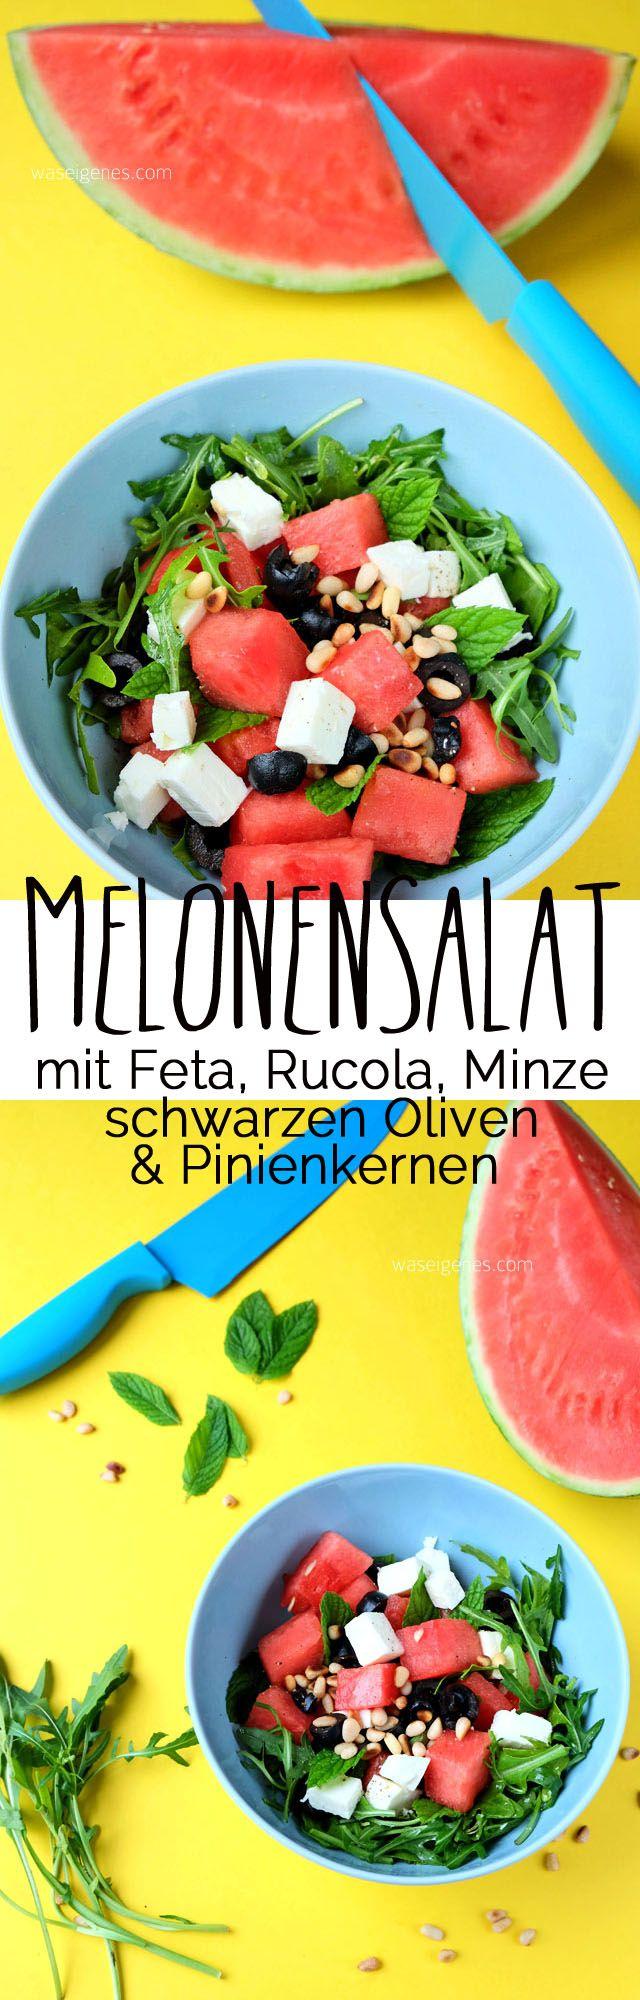 Sommersalat: Melonensalat mit Feta, Rucola, Minze, schwarzen Oliven & Pinienkernen